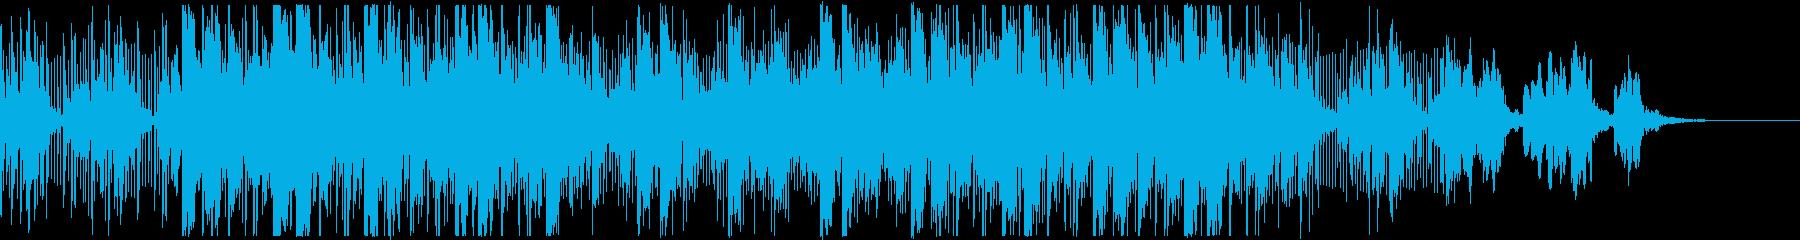 浮遊感のあるトラップビートの再生済みの波形